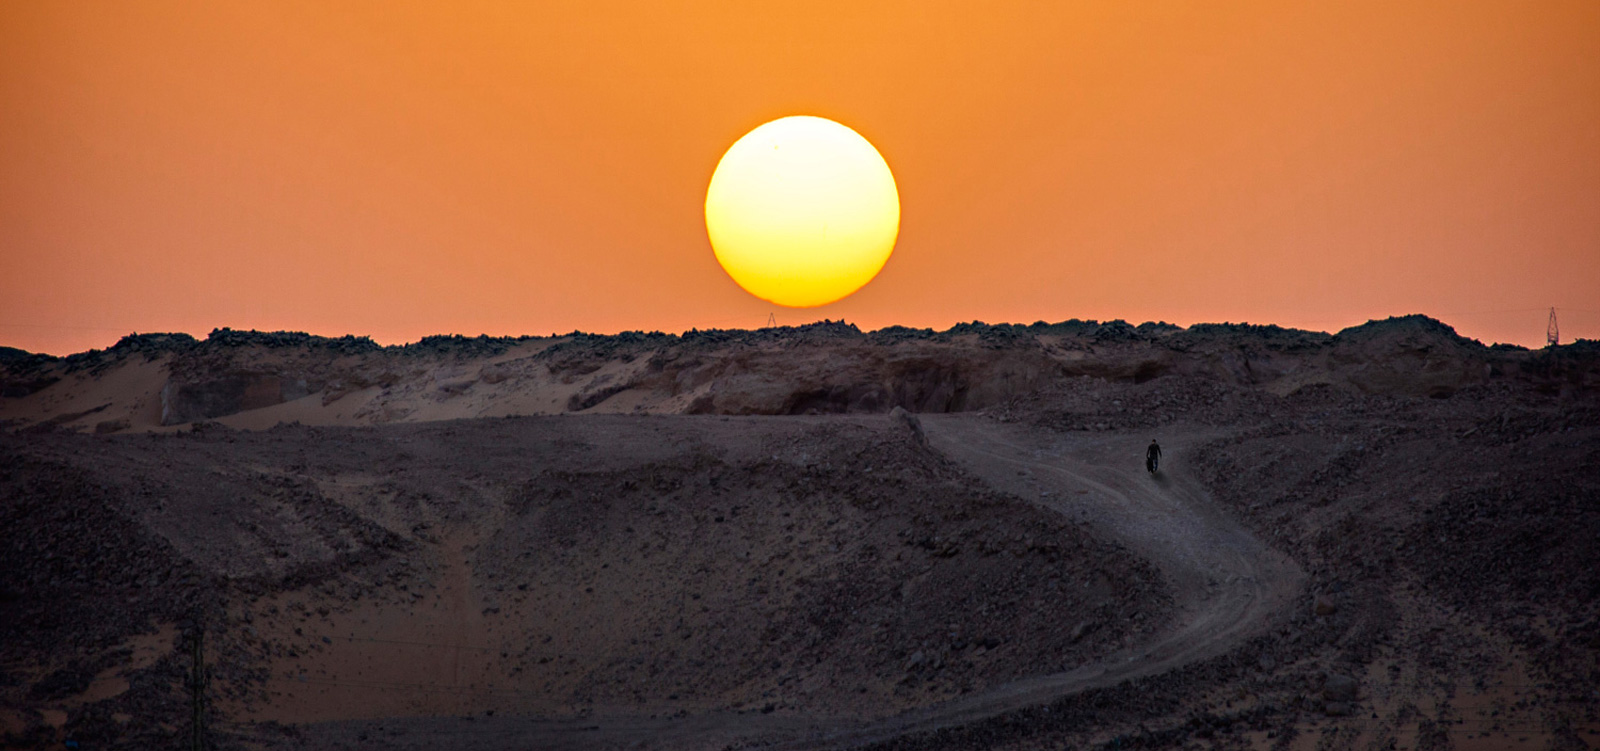 Fotografía conceptual paisaje Egipto puesta de sol